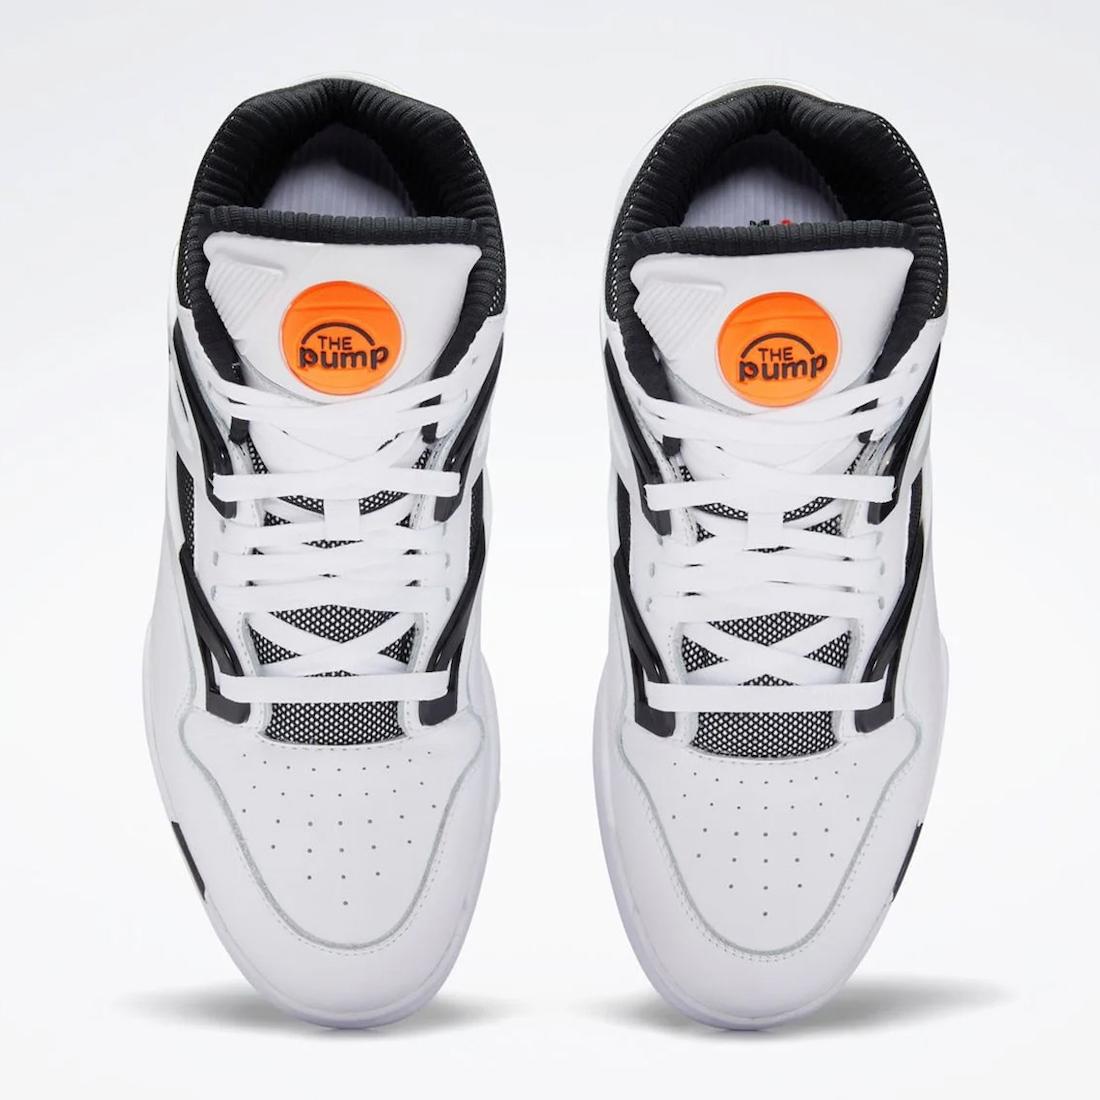 Reebok Pump Omni Zone II OG White Orange G57540 Release Date Info